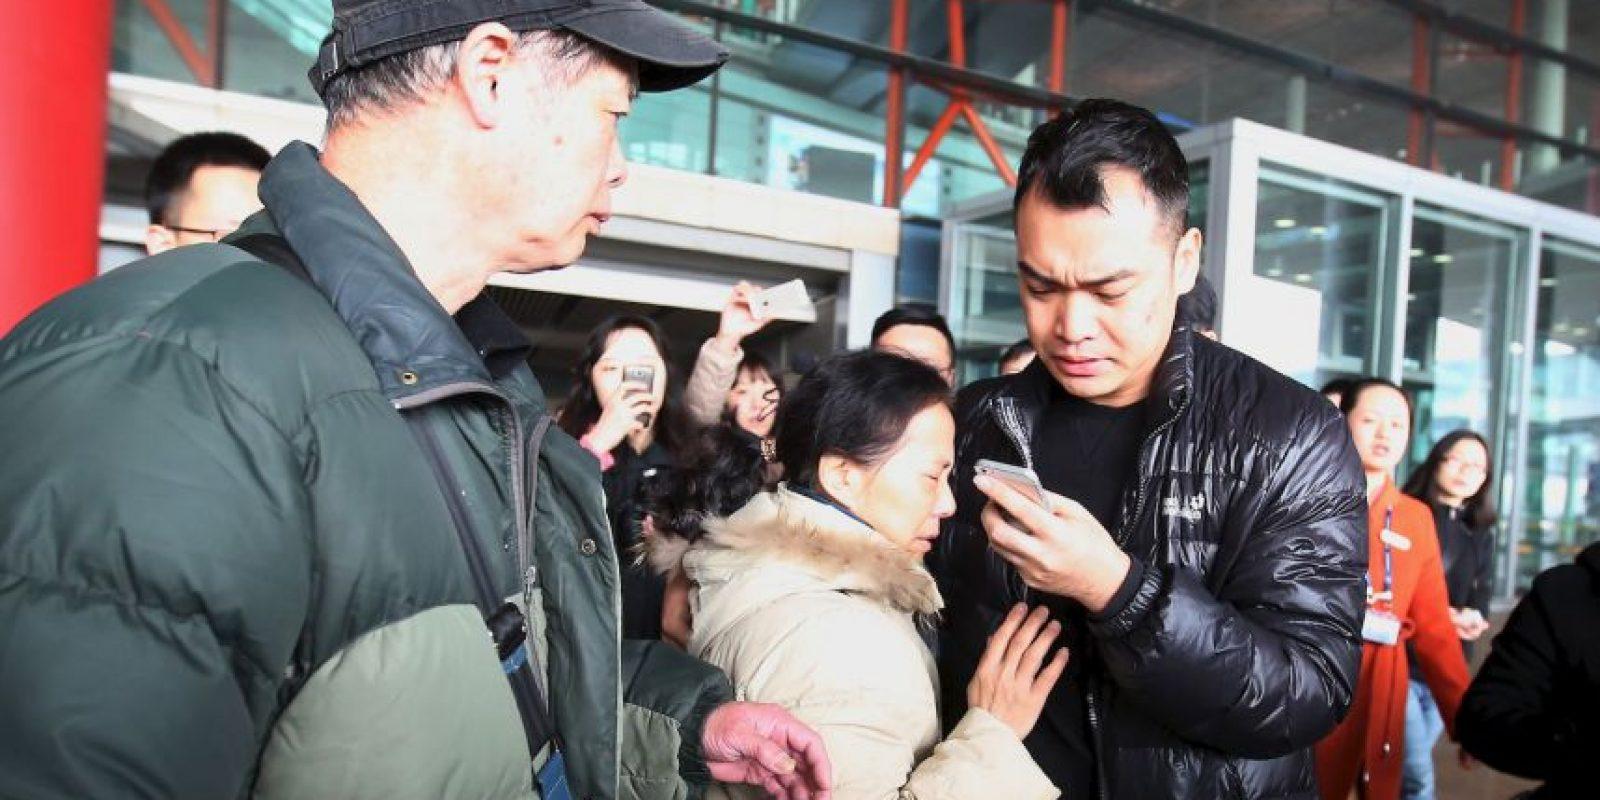 """""""Muchos eran ciudadanos de otras provincias, campesinos"""", dijo refiriéndose a los demás familiares. Foto:Getty Images"""